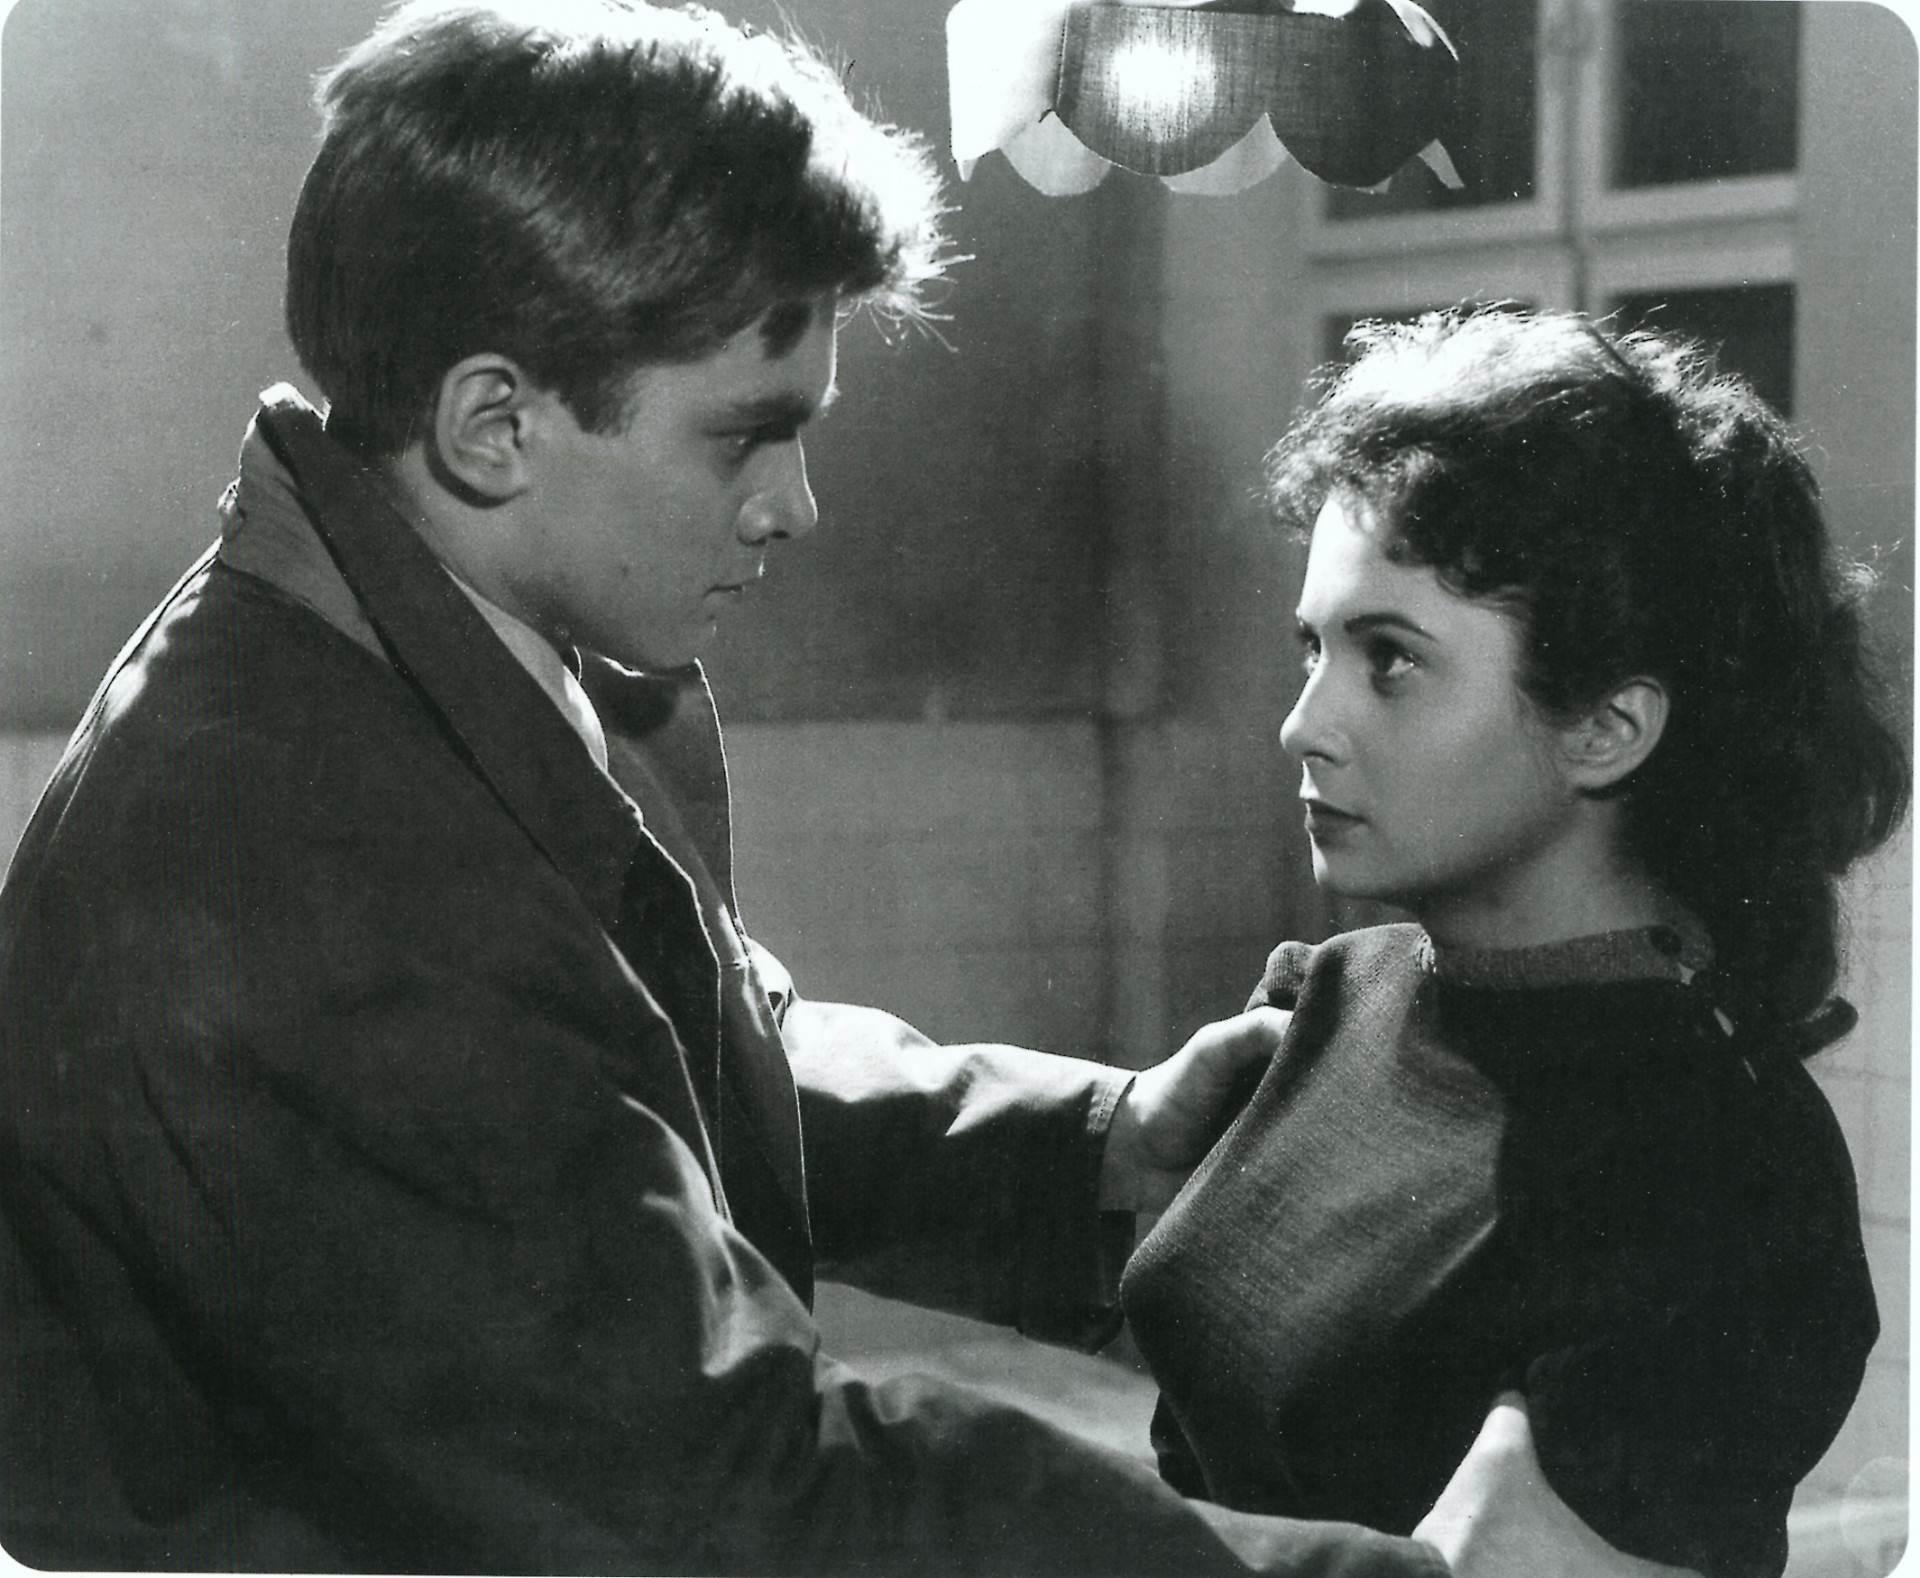 Scena iz filma Deveti krug